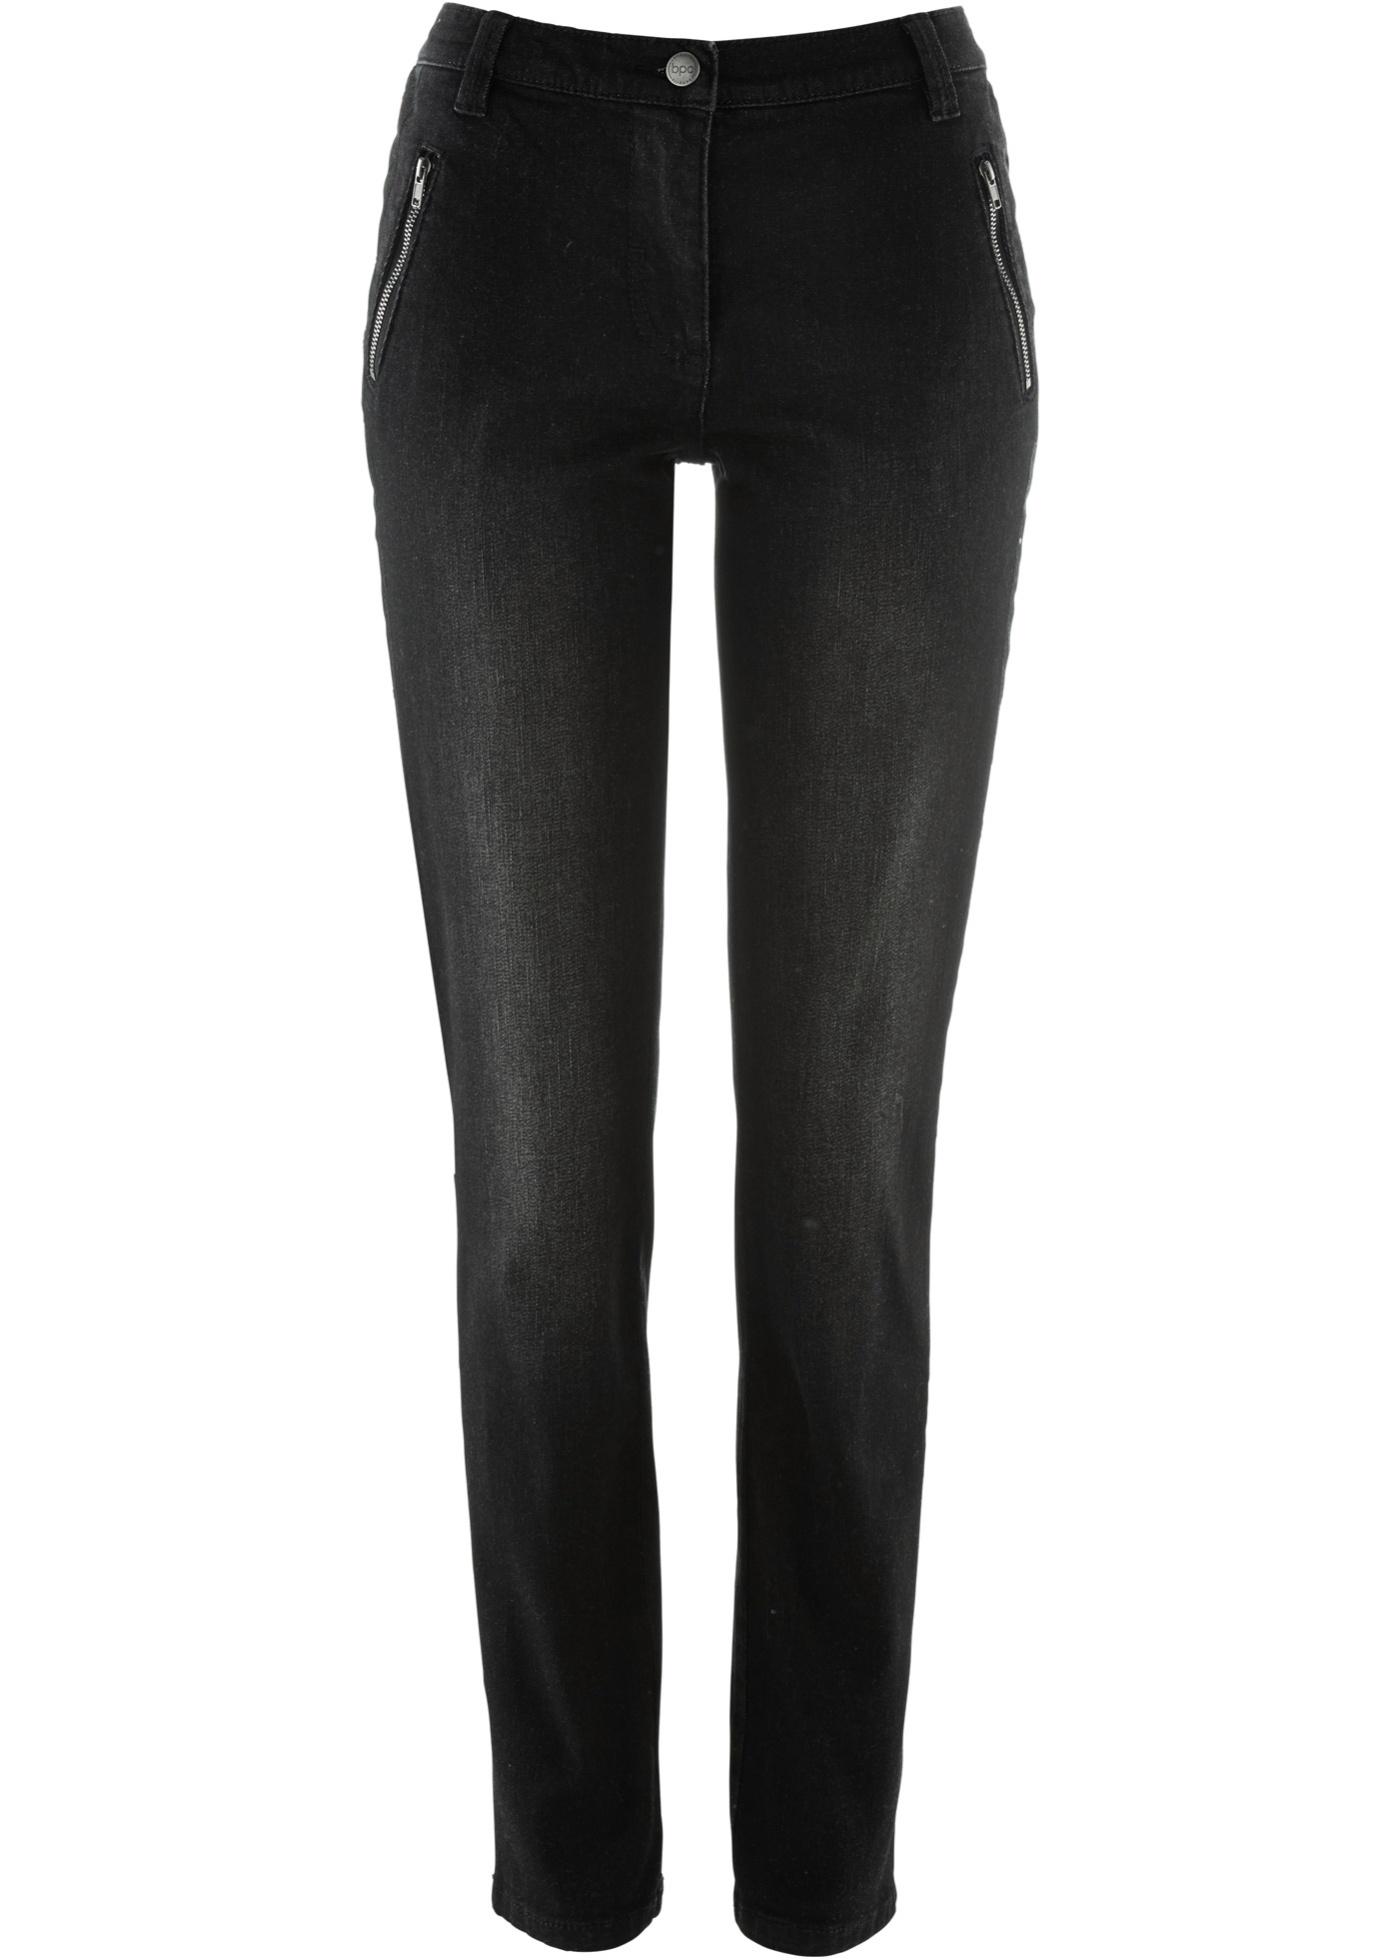 Noir Pour Bpc Femme Bonprix CollectionJean Amincissant fb6gY7yv